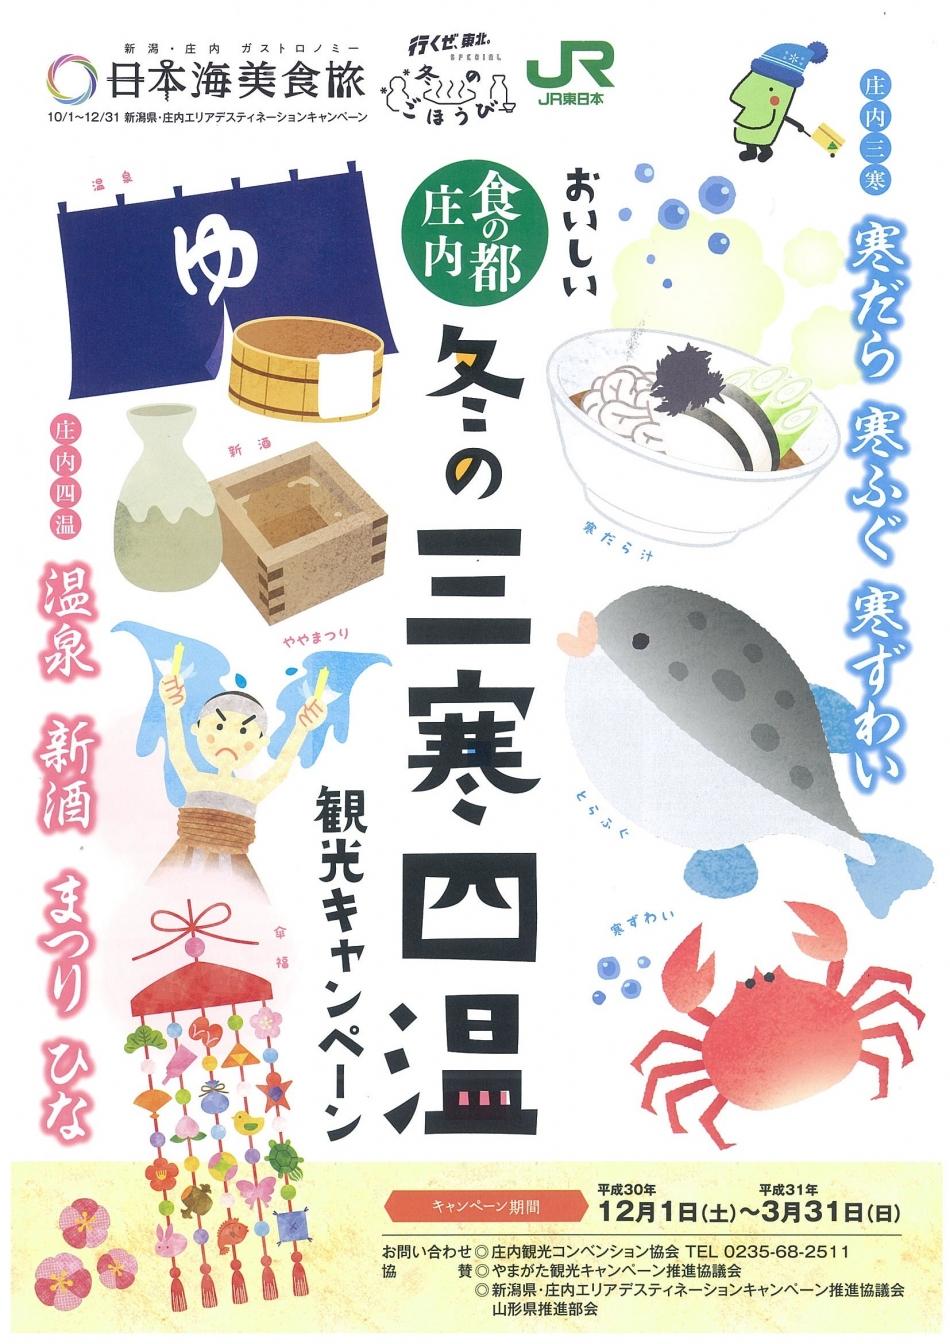 おいしい食の都庄内「冬の三寒四温」観光キャンペーンが開催中!【12月1日(土)~3月31日(日)】